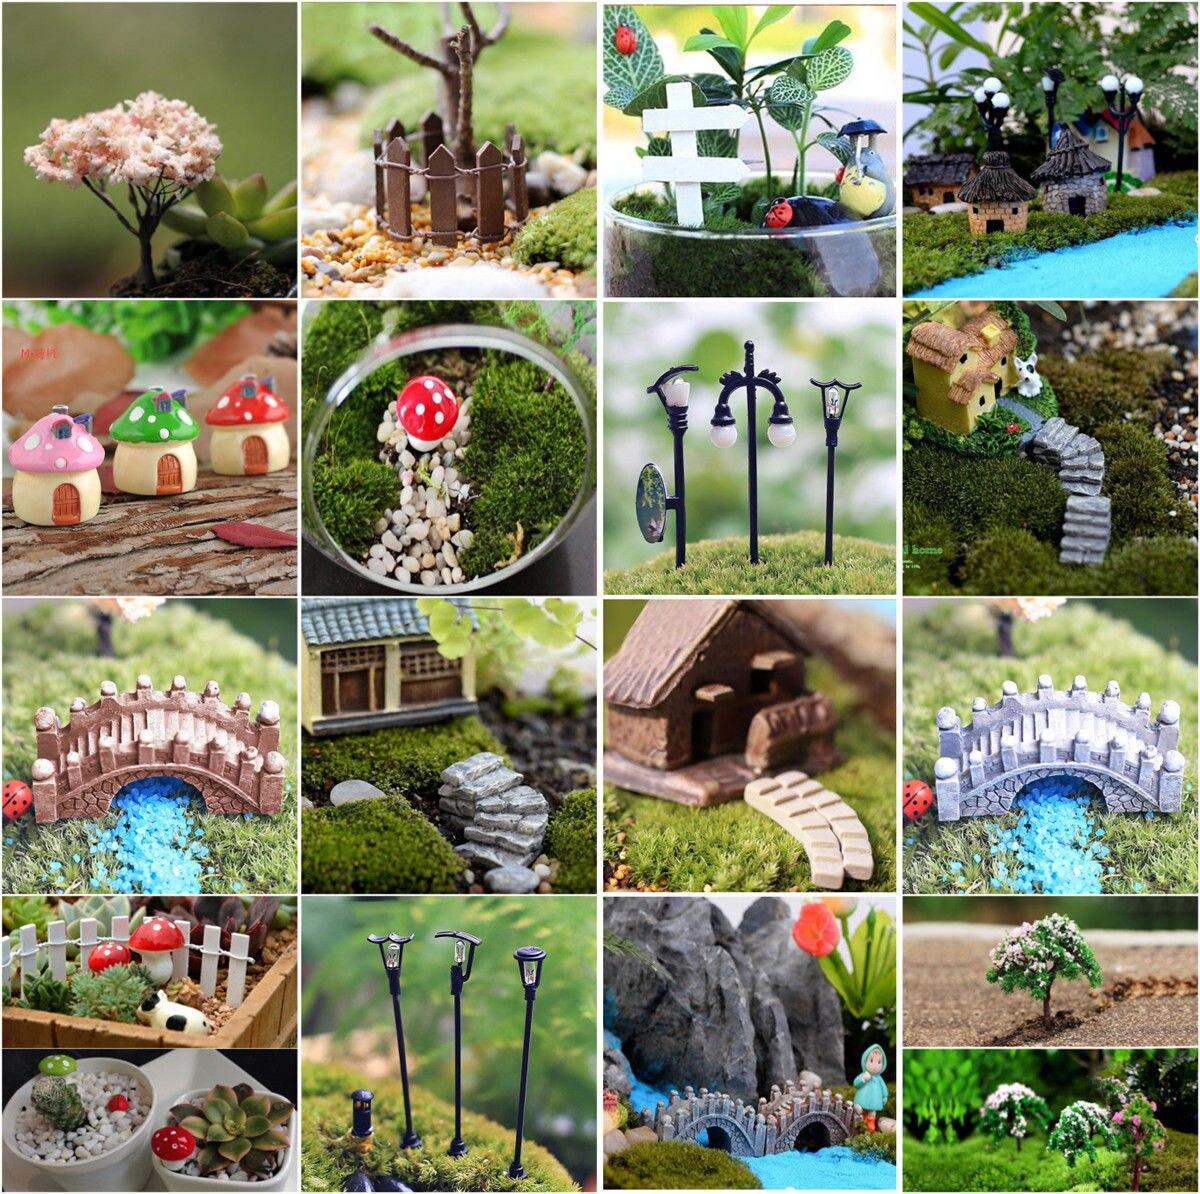 Мини Sdivaight гибочный мост дом грибы забор ремесло фигурка горшок для растений садовое украшение миниатюрное DIY сказочные Садовые принадлежности|Статуэтки и миниатюры| | - AliExpress